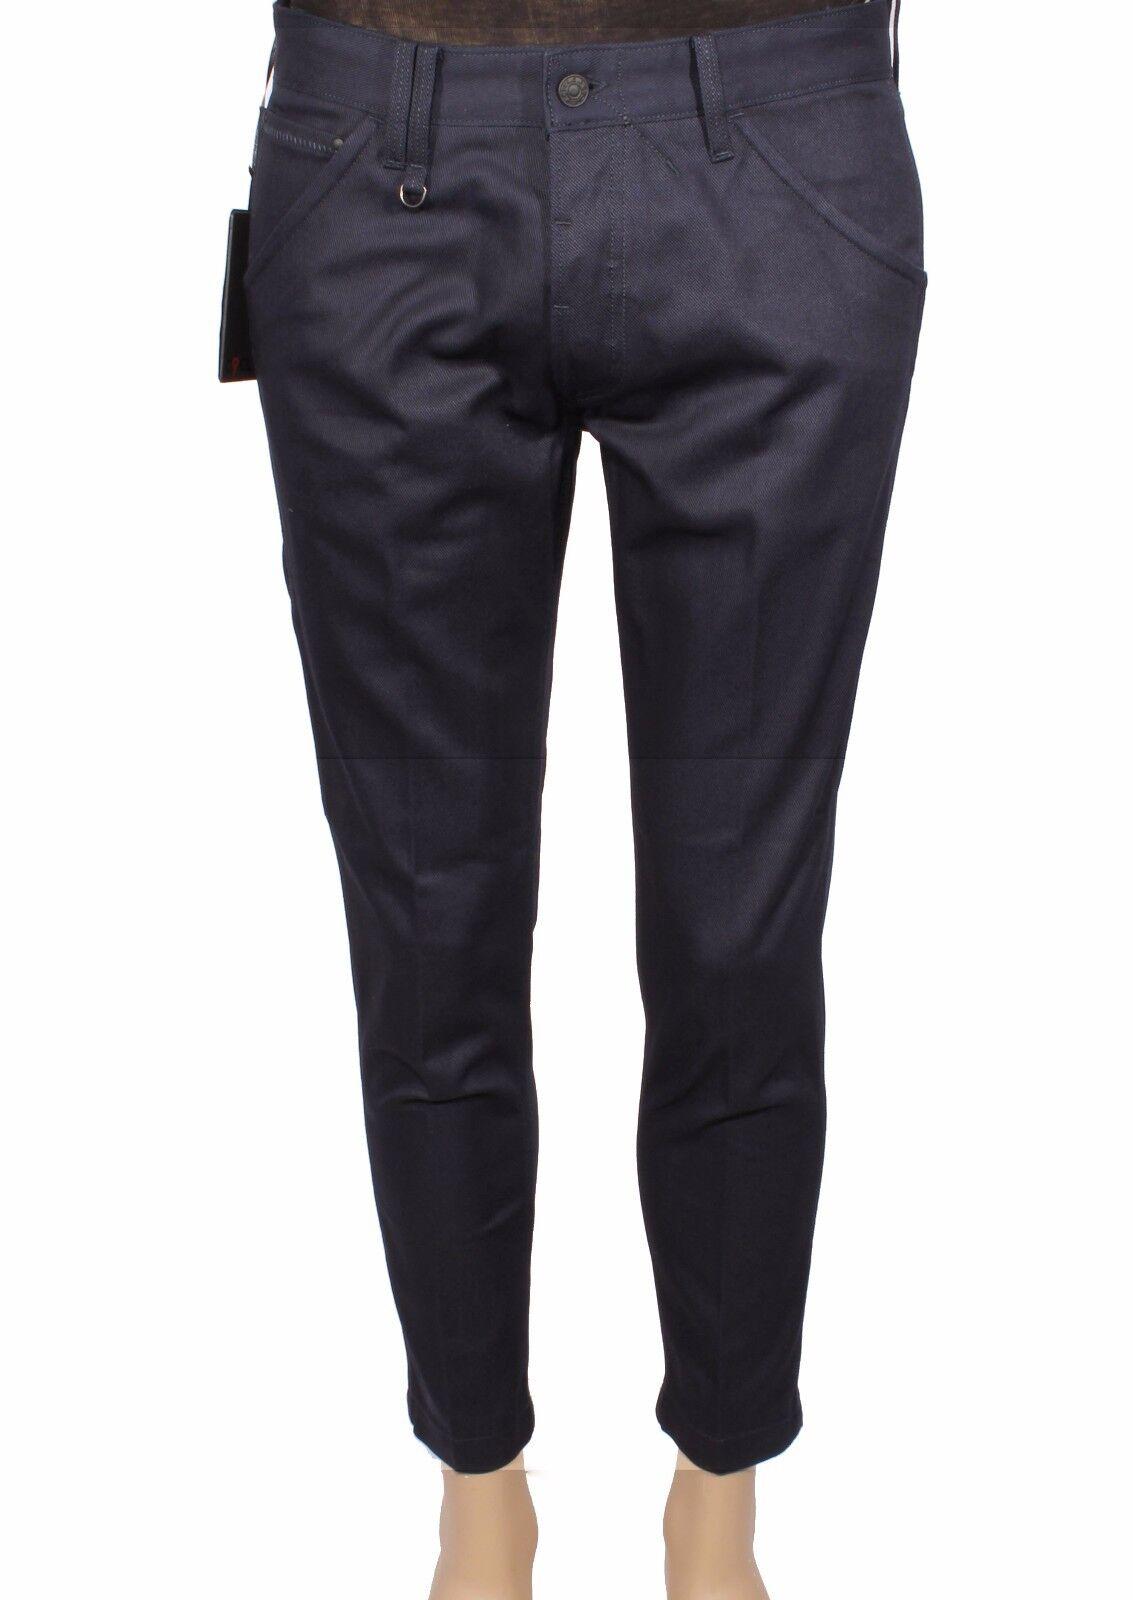 Pantalones de hombre CYCLE MPT170 WK B150 0880 blue Real Tgold